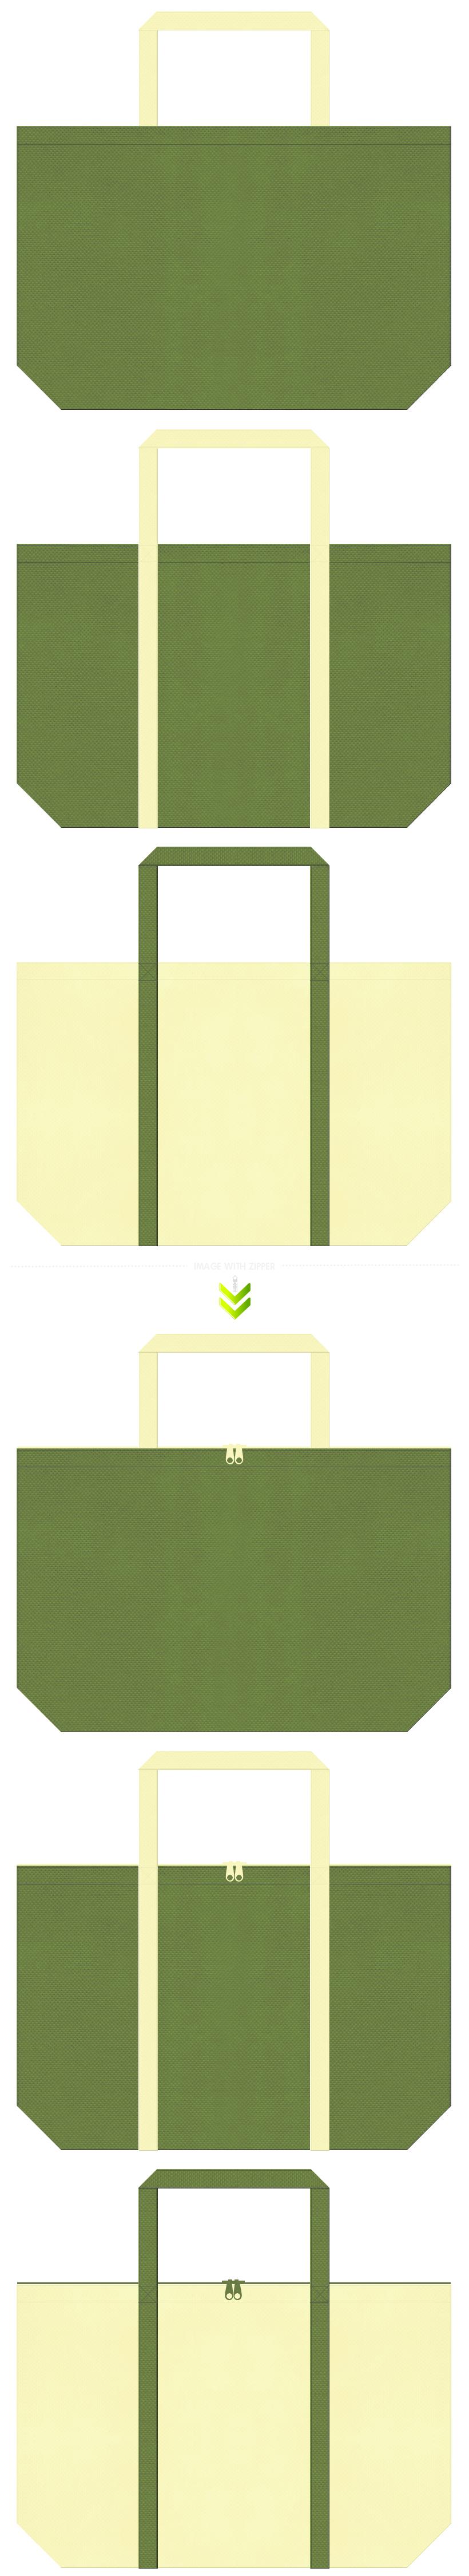 草色と薄黄色の不織布バッグデザイン。お月見風の配色で、和雑貨のショッピングバッグ・着物クリーニングのバッグにお奨めです。かぐやひめのイメージにも。